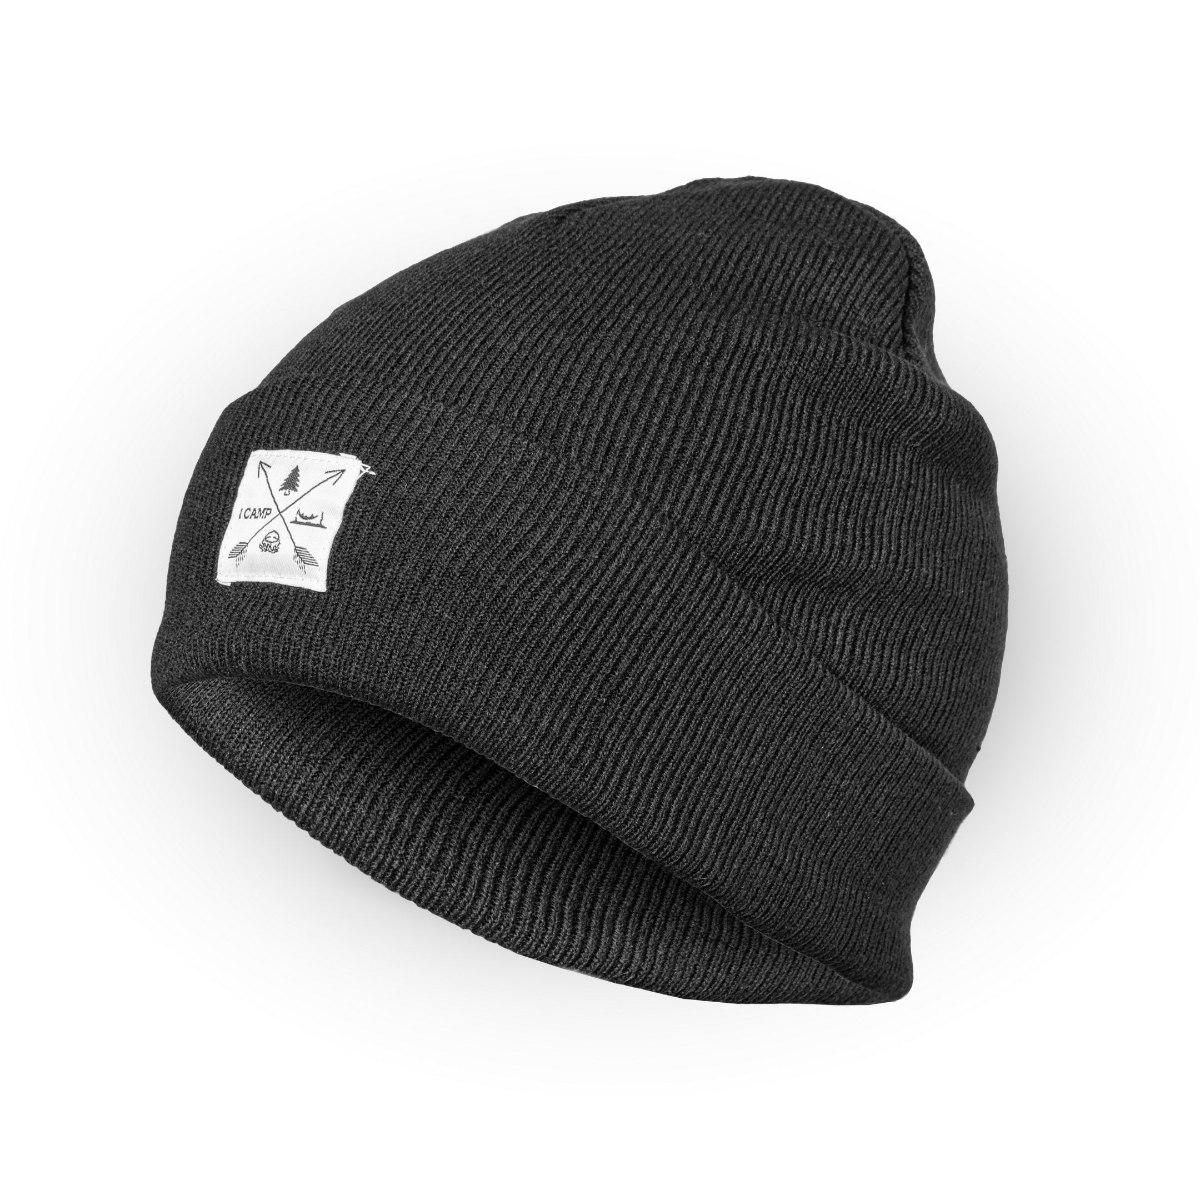 כובע חורף I CAMP - שחור